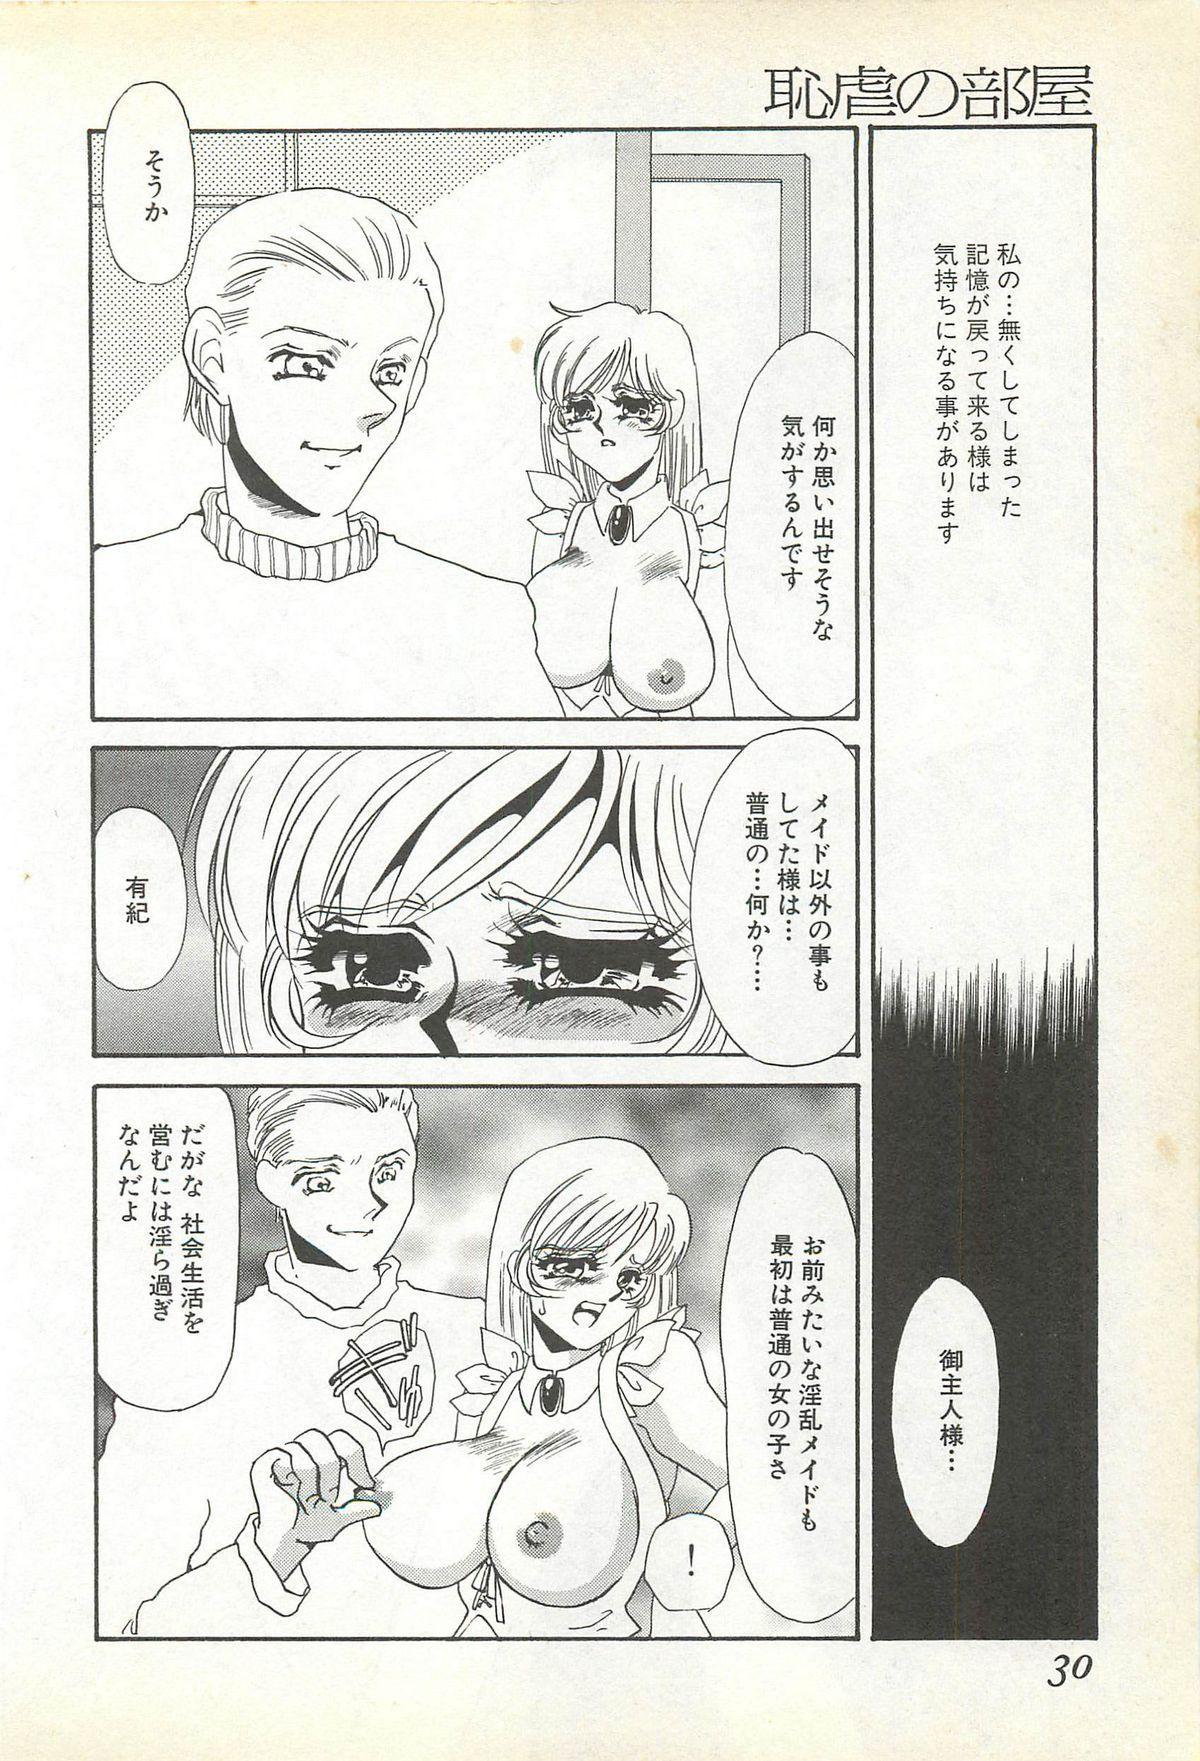 Chigyaku no Heya - A Shameful Punishment Room 26